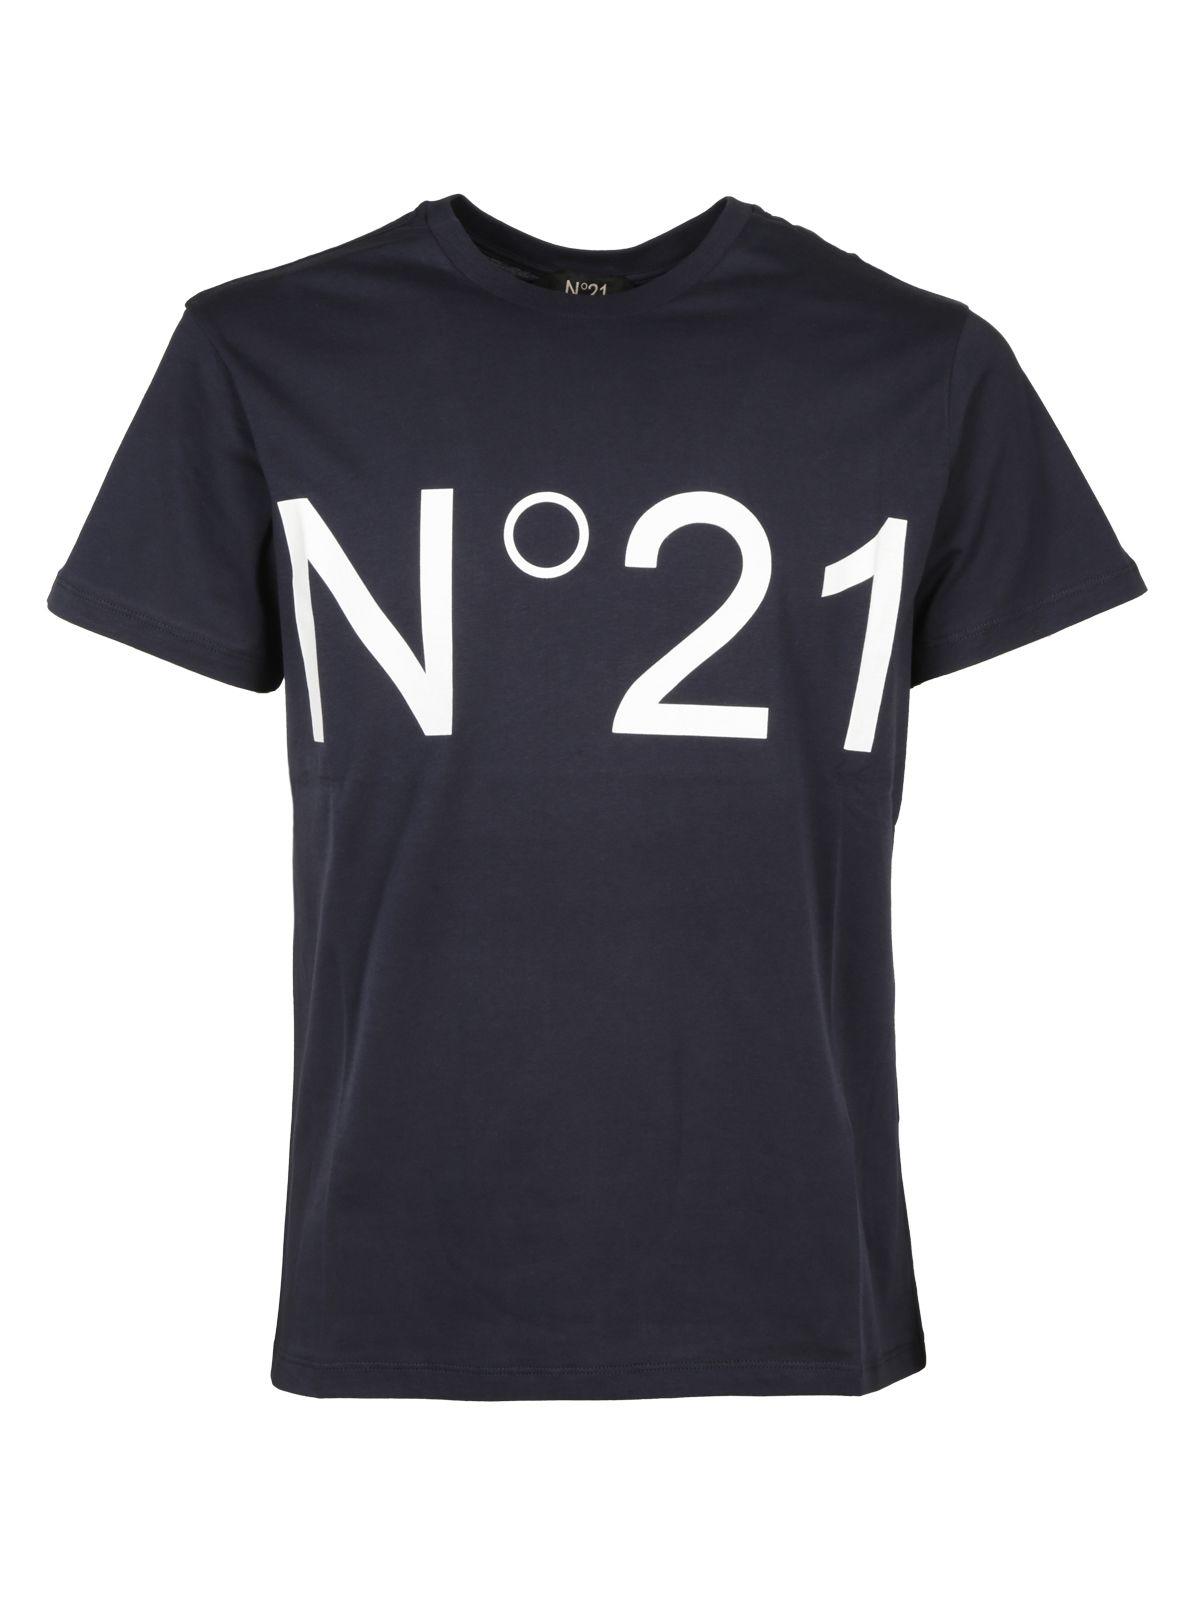 N.21 T-shirt Logo N°21